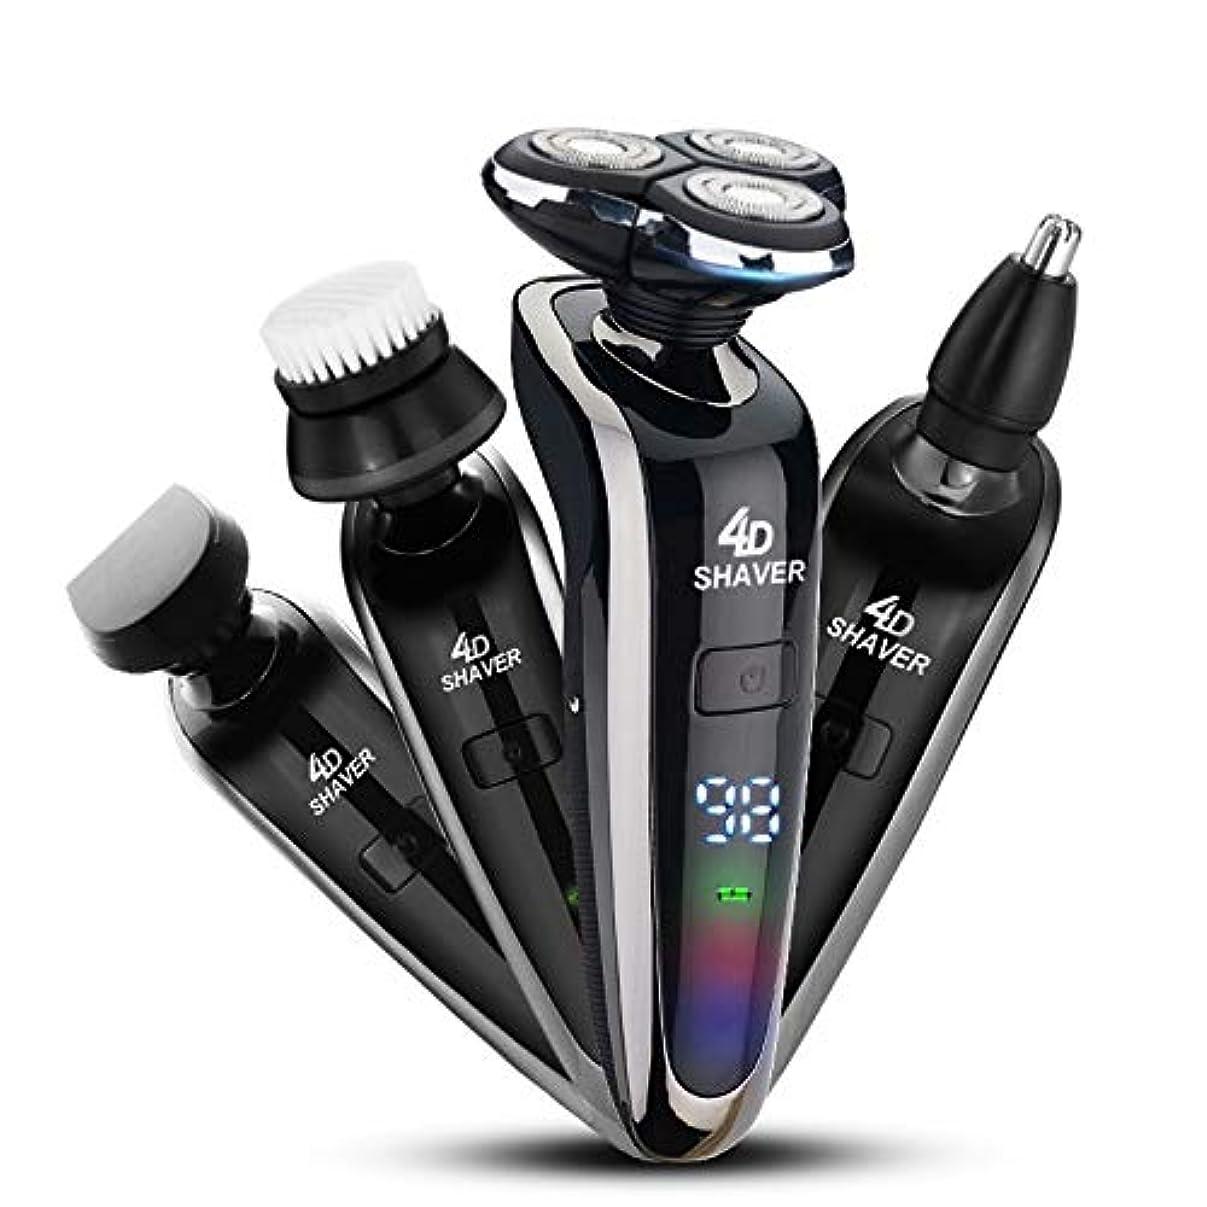 散逸調査スプレーメンズ電気シェーバー 3枚刃 4 in 1髭剃り USB充電式 LEDディスプレイー お風呂剃り可能 トリマーと鼻毛カッター 洗顔ブラシ付き 防水仕様IPX基準 本体丸洗い可能